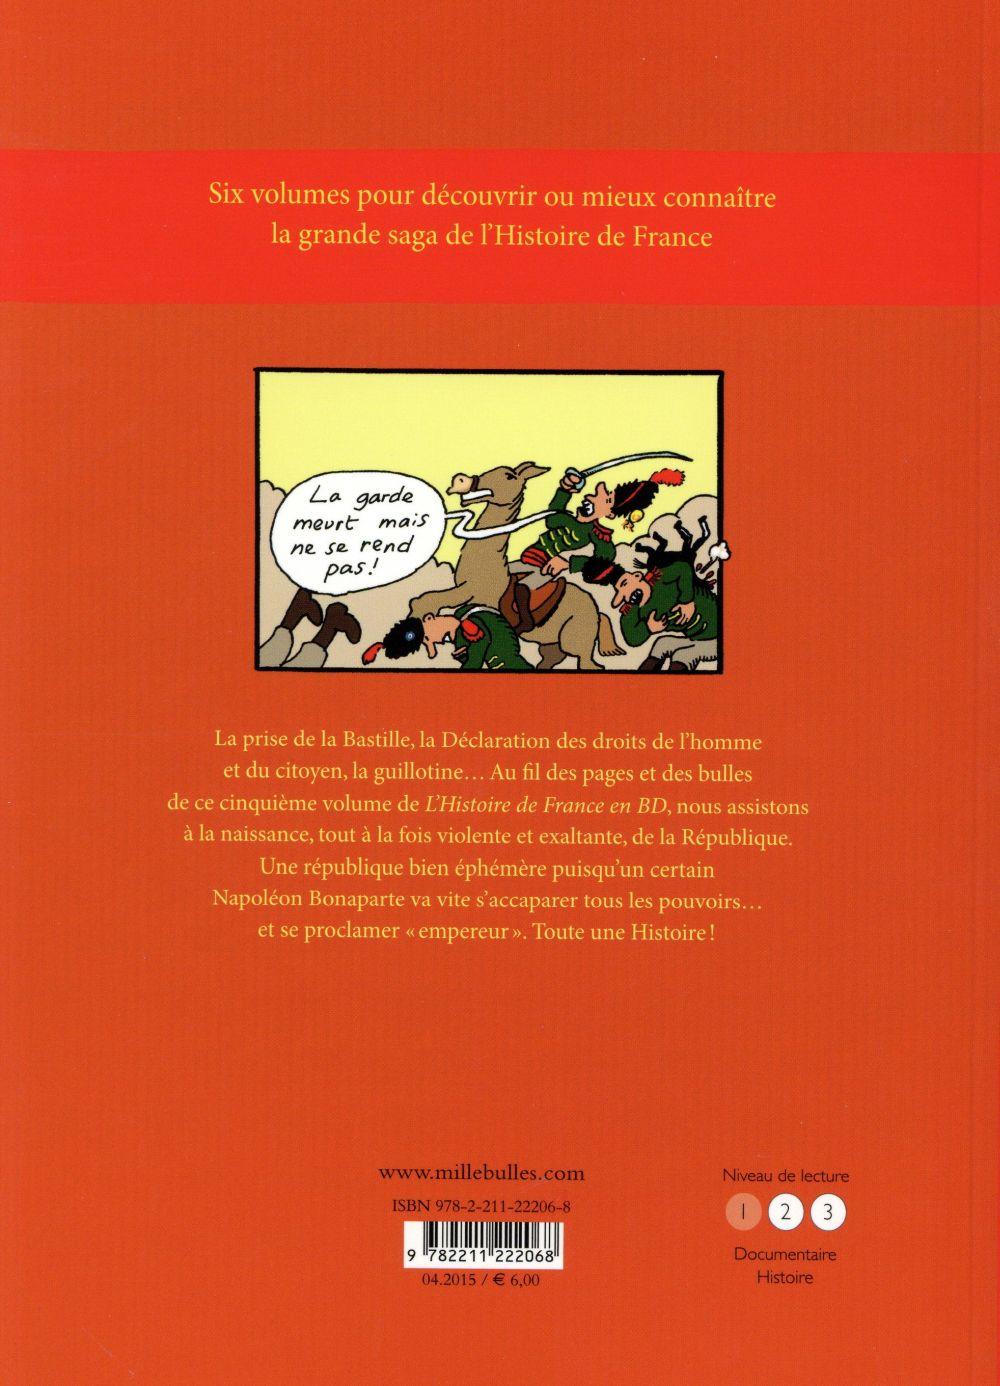 l'Histoire de France en BD ; la révolution et l'Empire